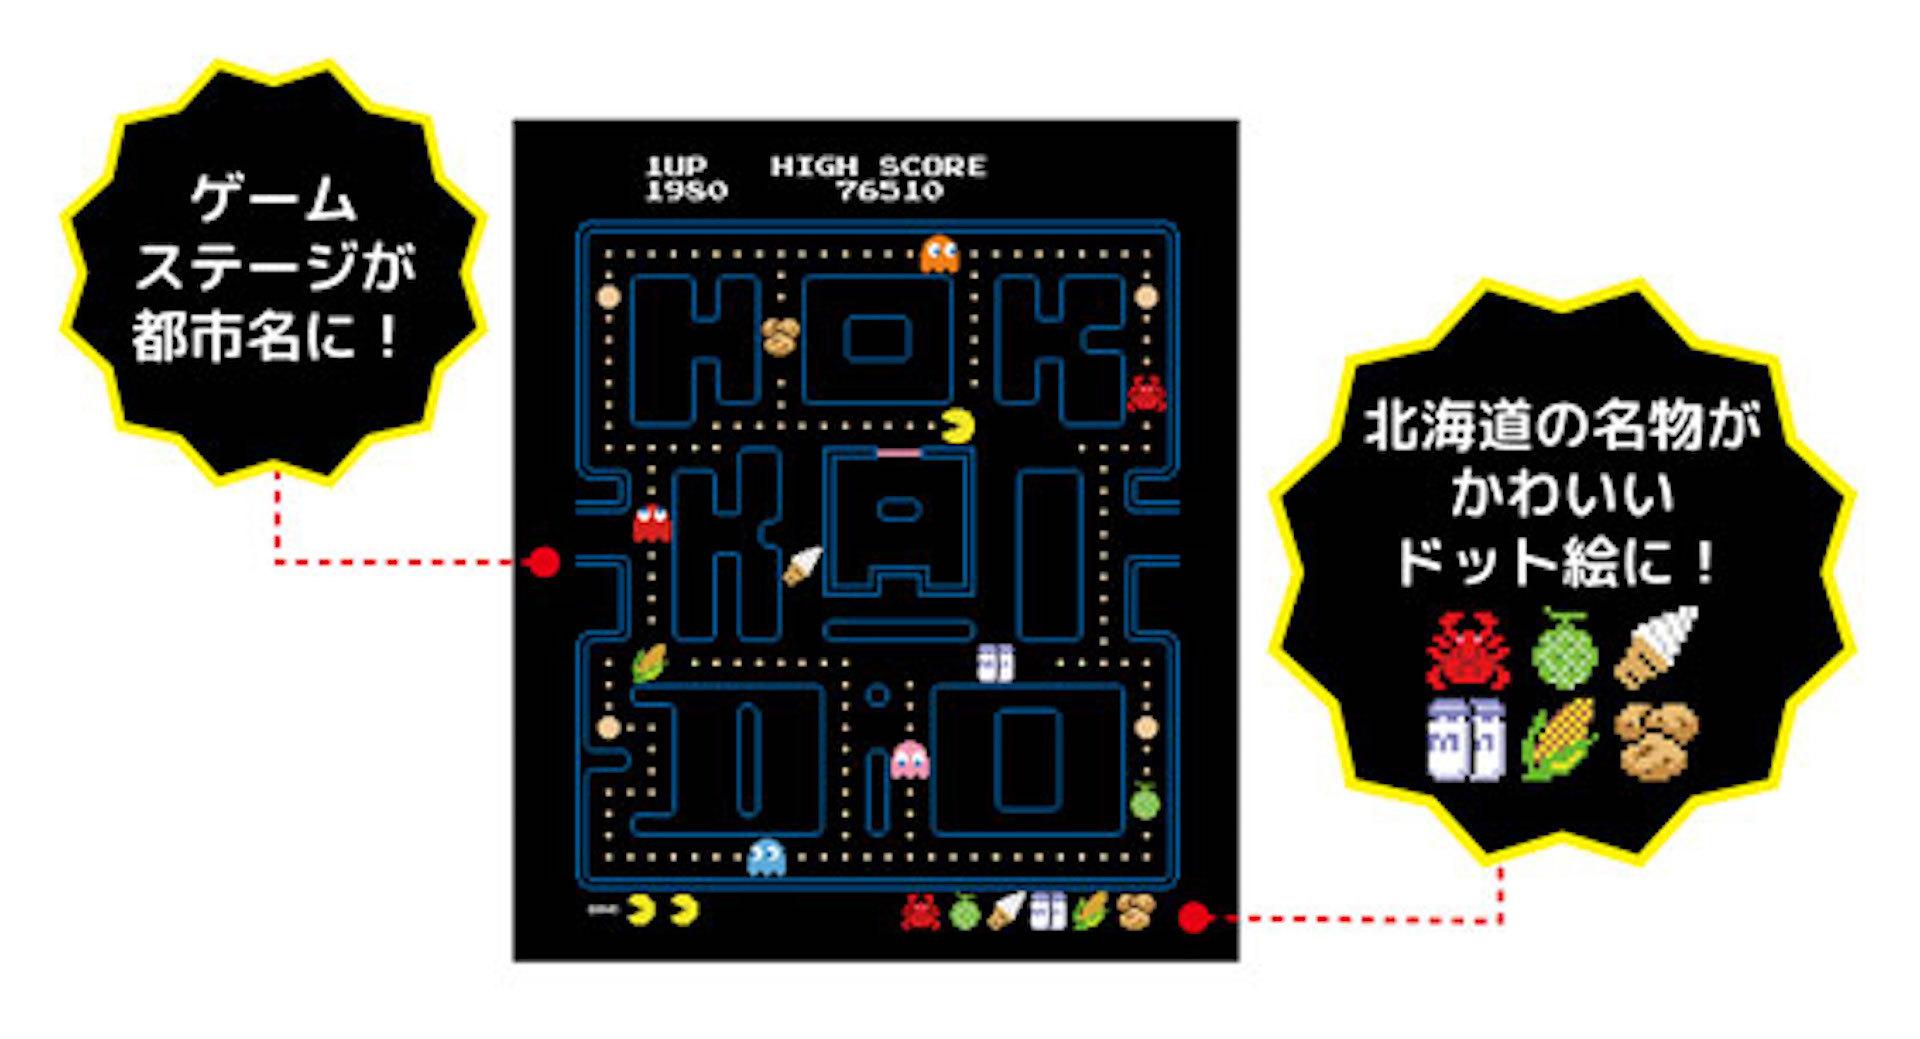 ご当地 パックマン 「 Hokkaido 」 Tシャツ  レッド  (CONTROLLER 限定商品)